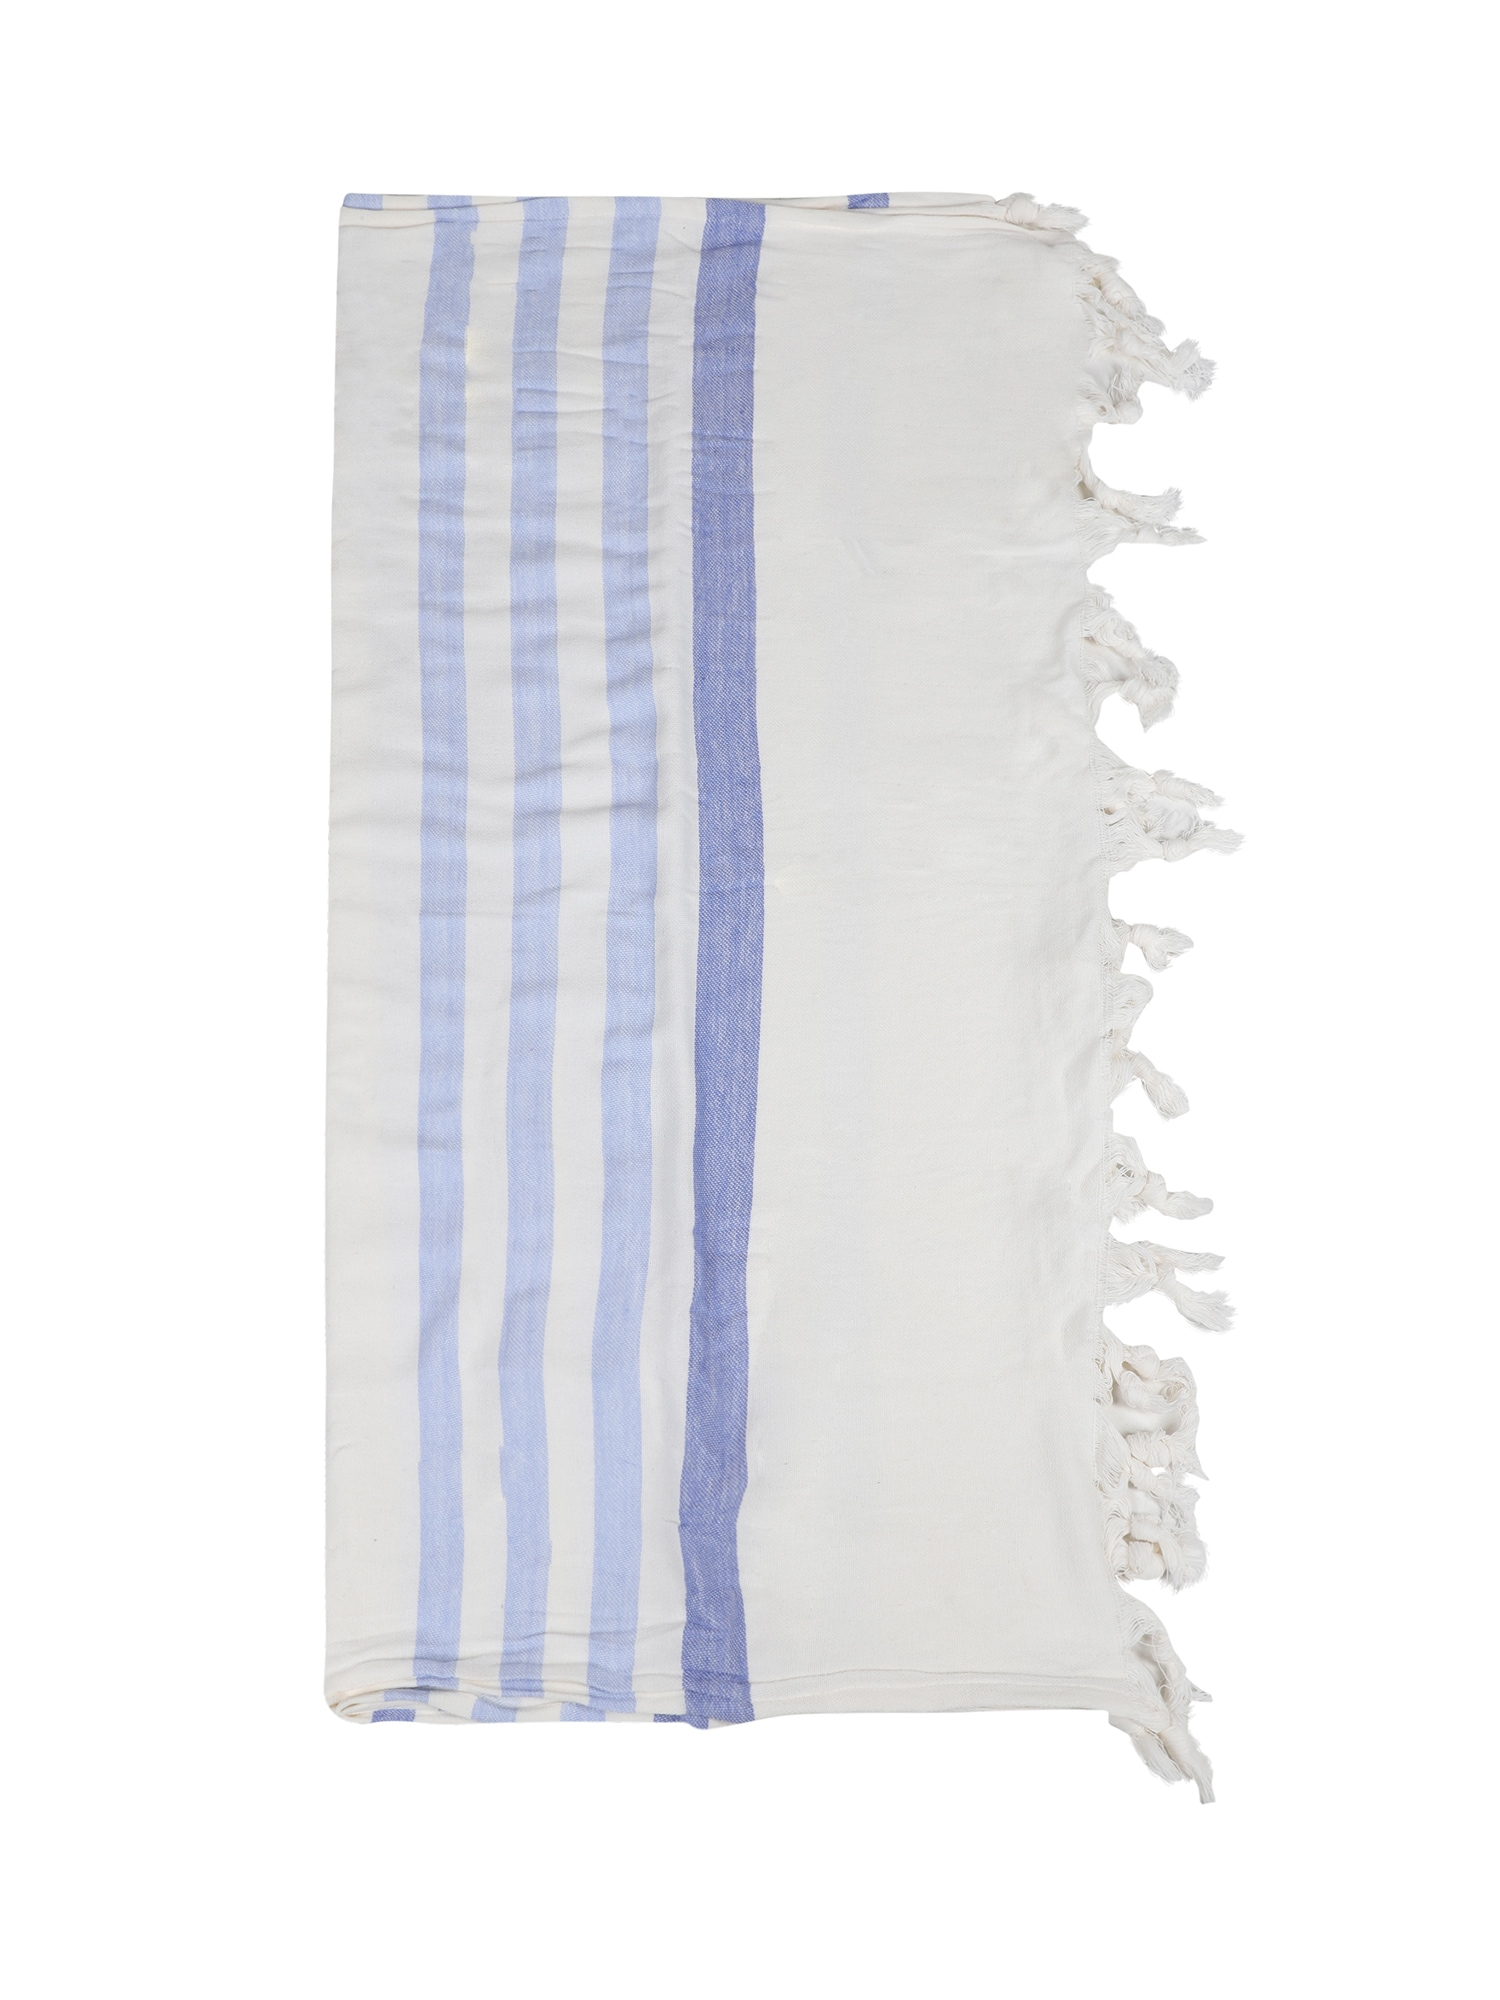 Plážový ručník Alea modrá bílá ABOUT YOU